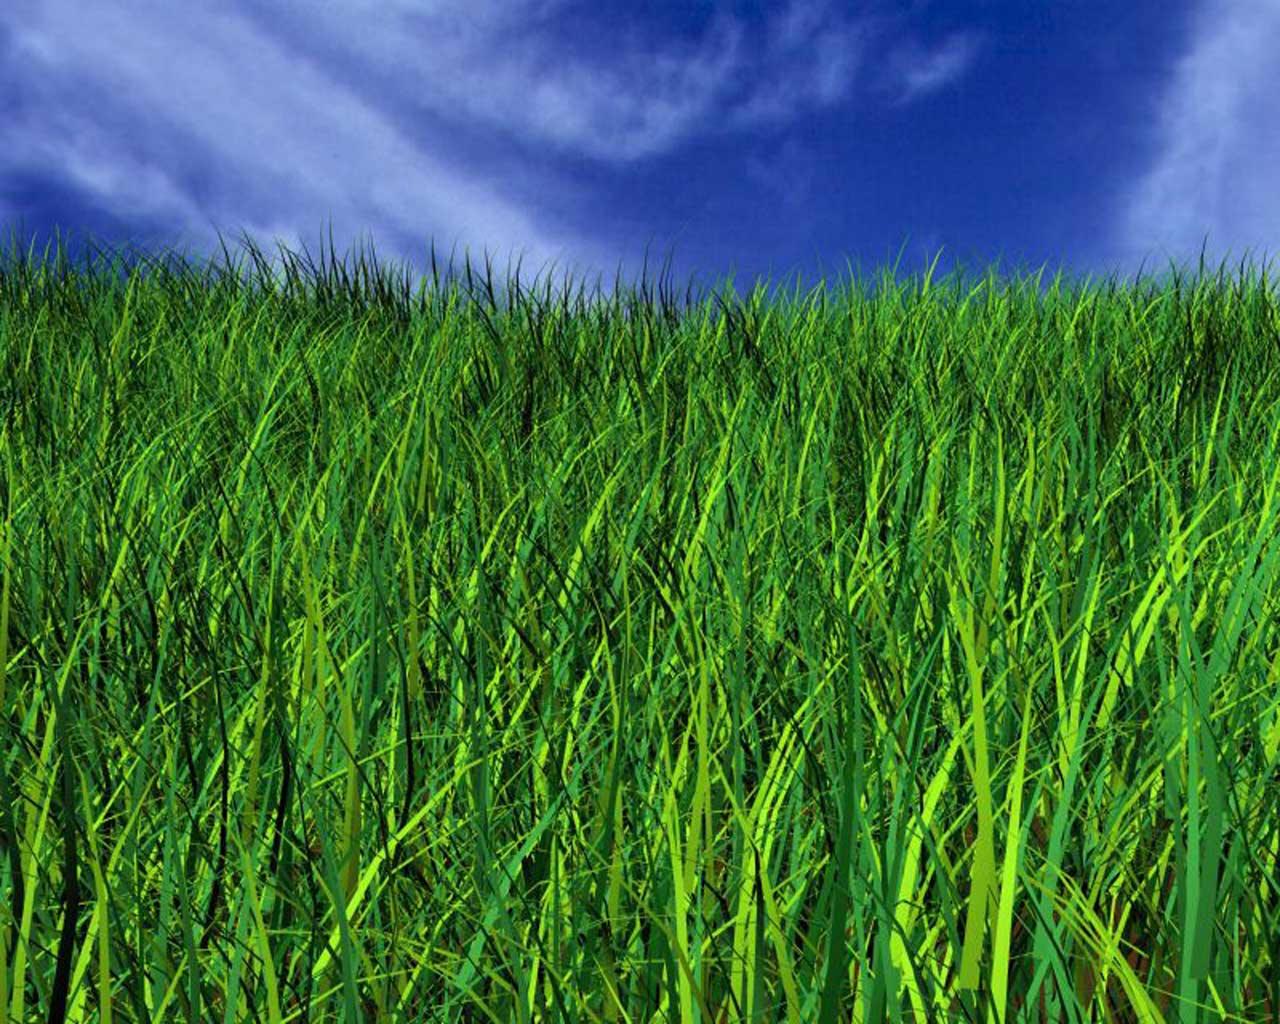 http://2.bp.blogspot.com/-hr3juH1z628/TvFkpQWtL1I/AAAAAAAAAFc/kPoFUV4IOS4/s1600/green-graas-blue-sky.jpg